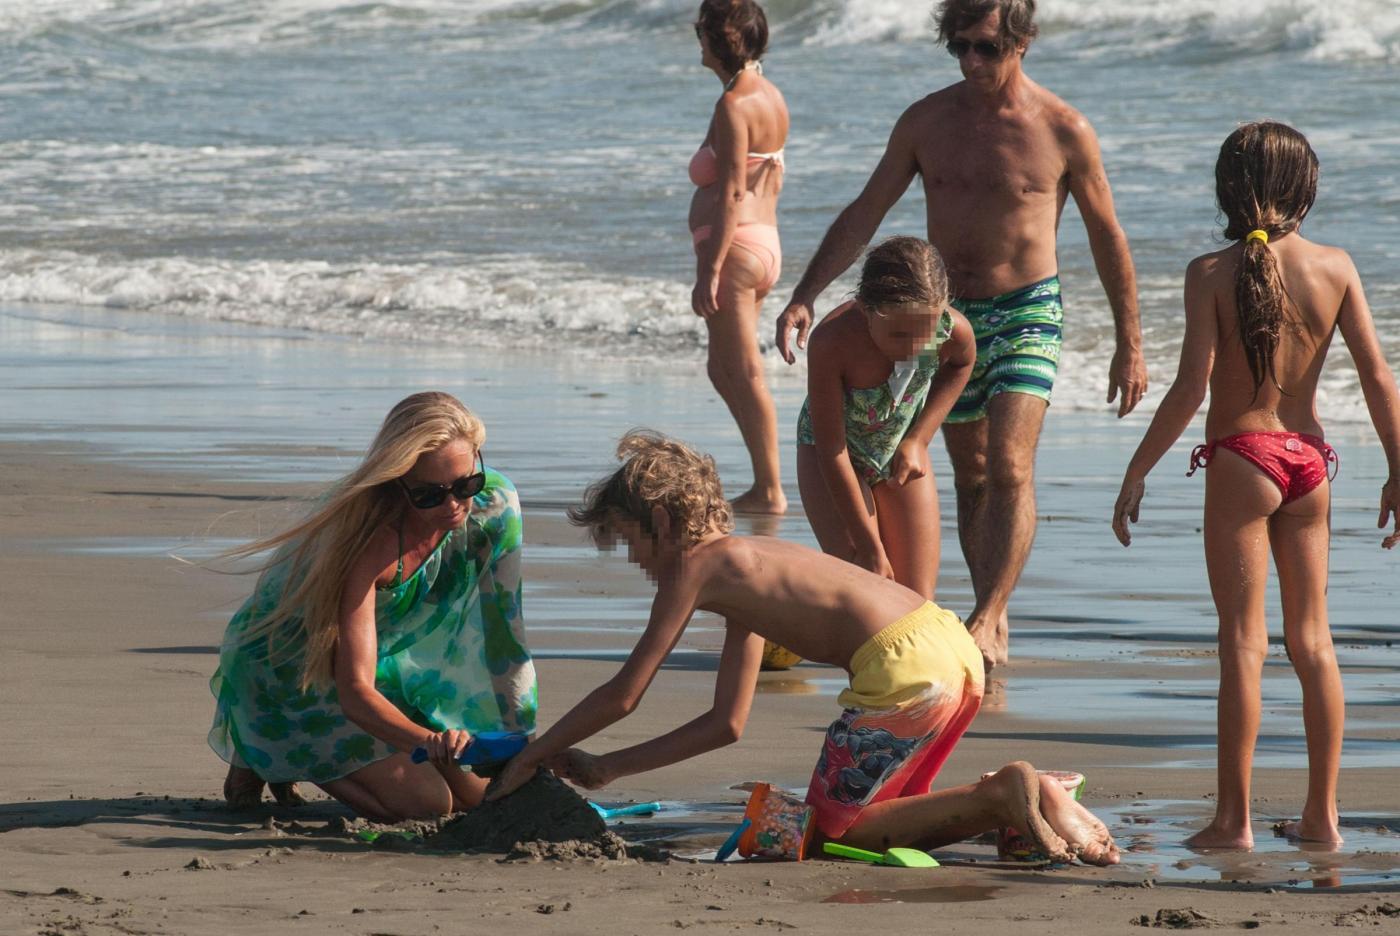 Federica Panicucci gioca in spiaggia con figli: c'è anche il marito Mario Fargetta3